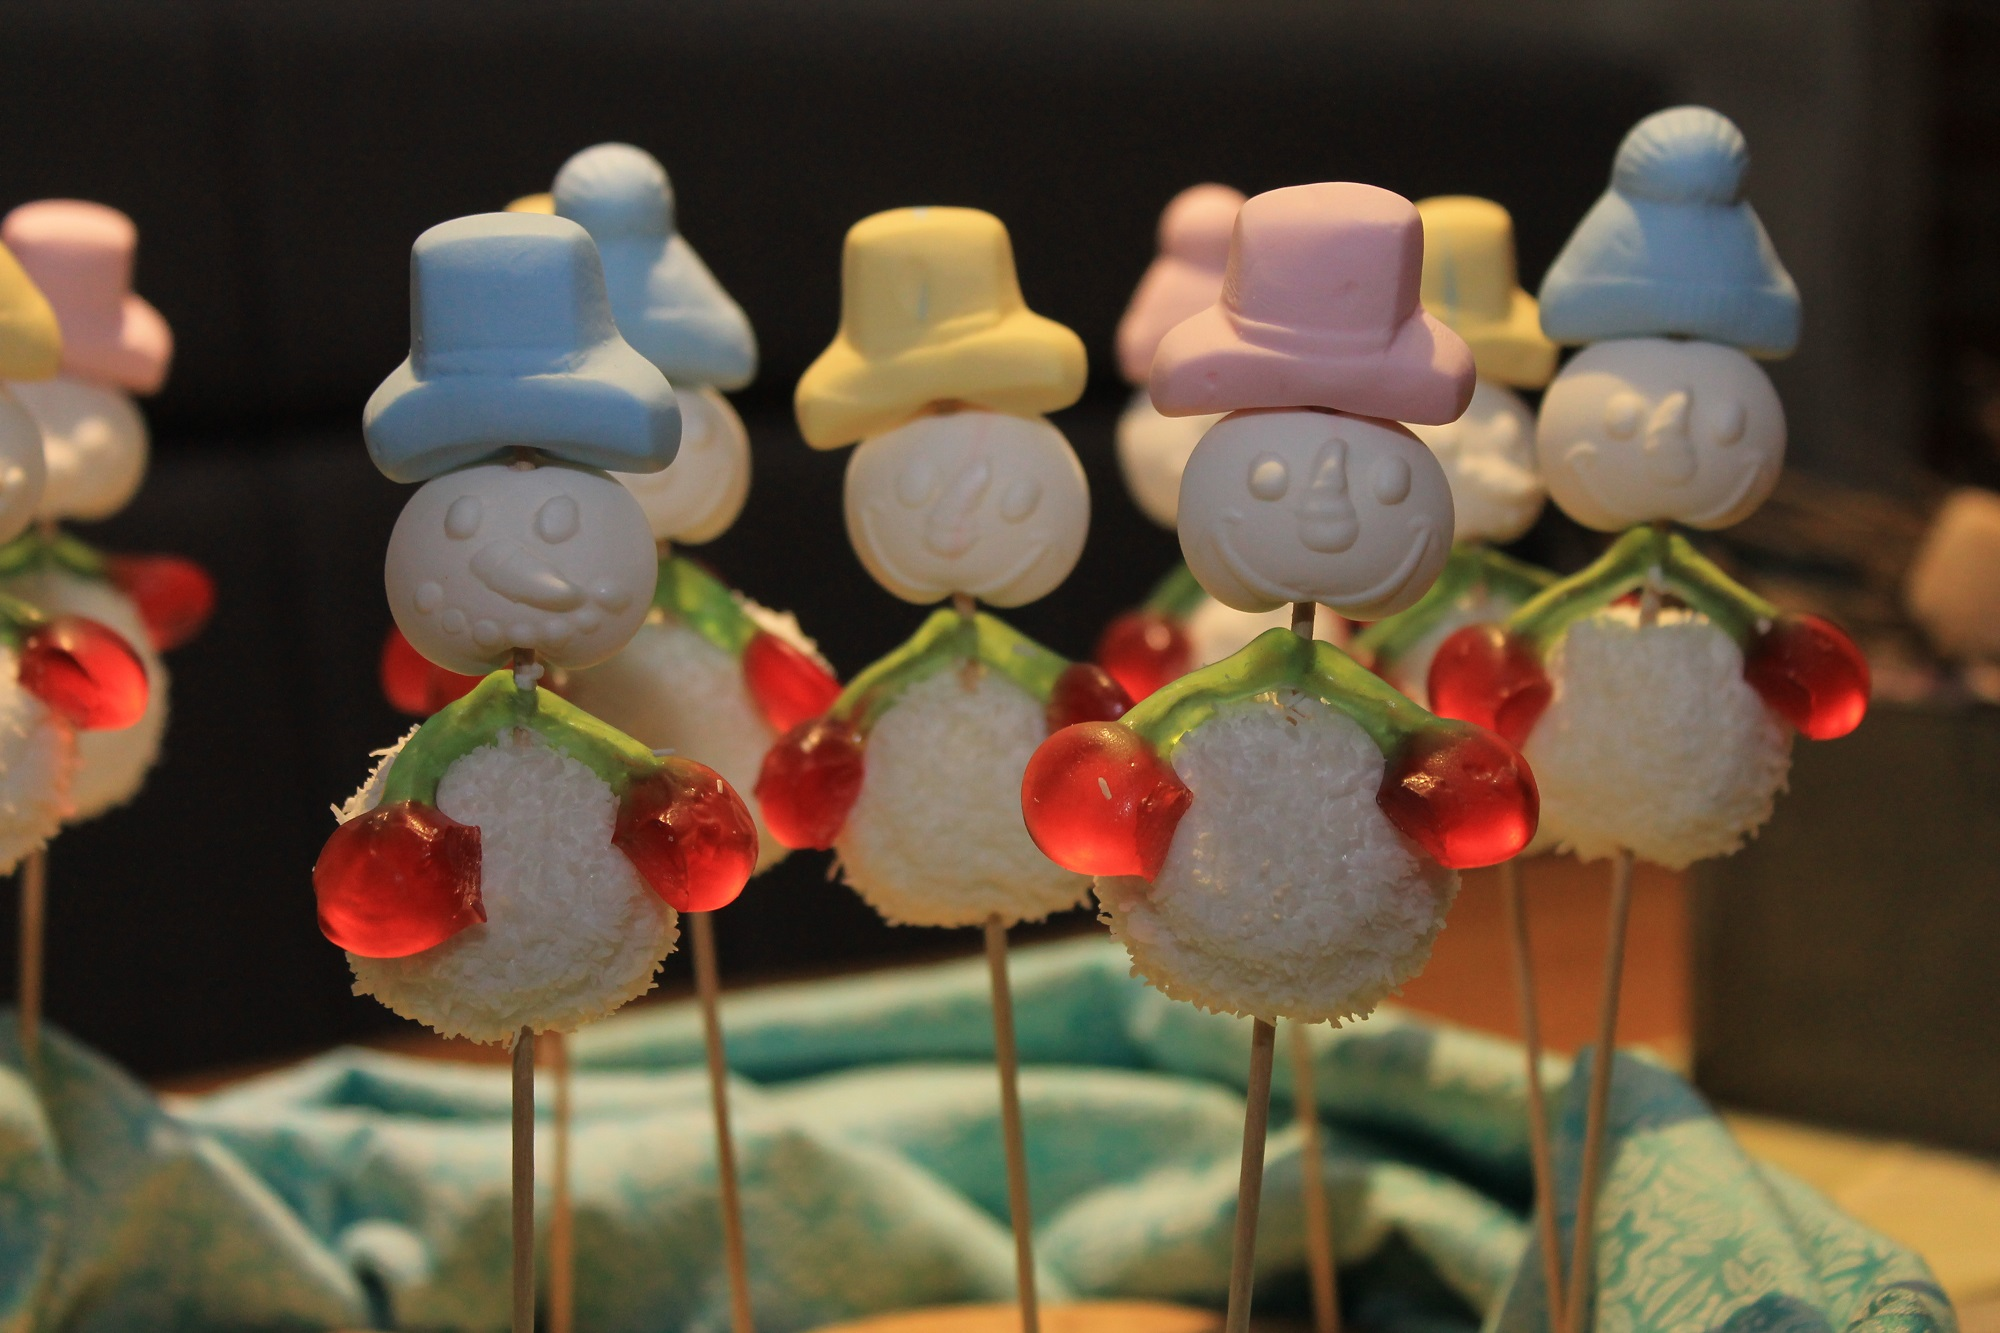 Süßigkeiten- Lollies